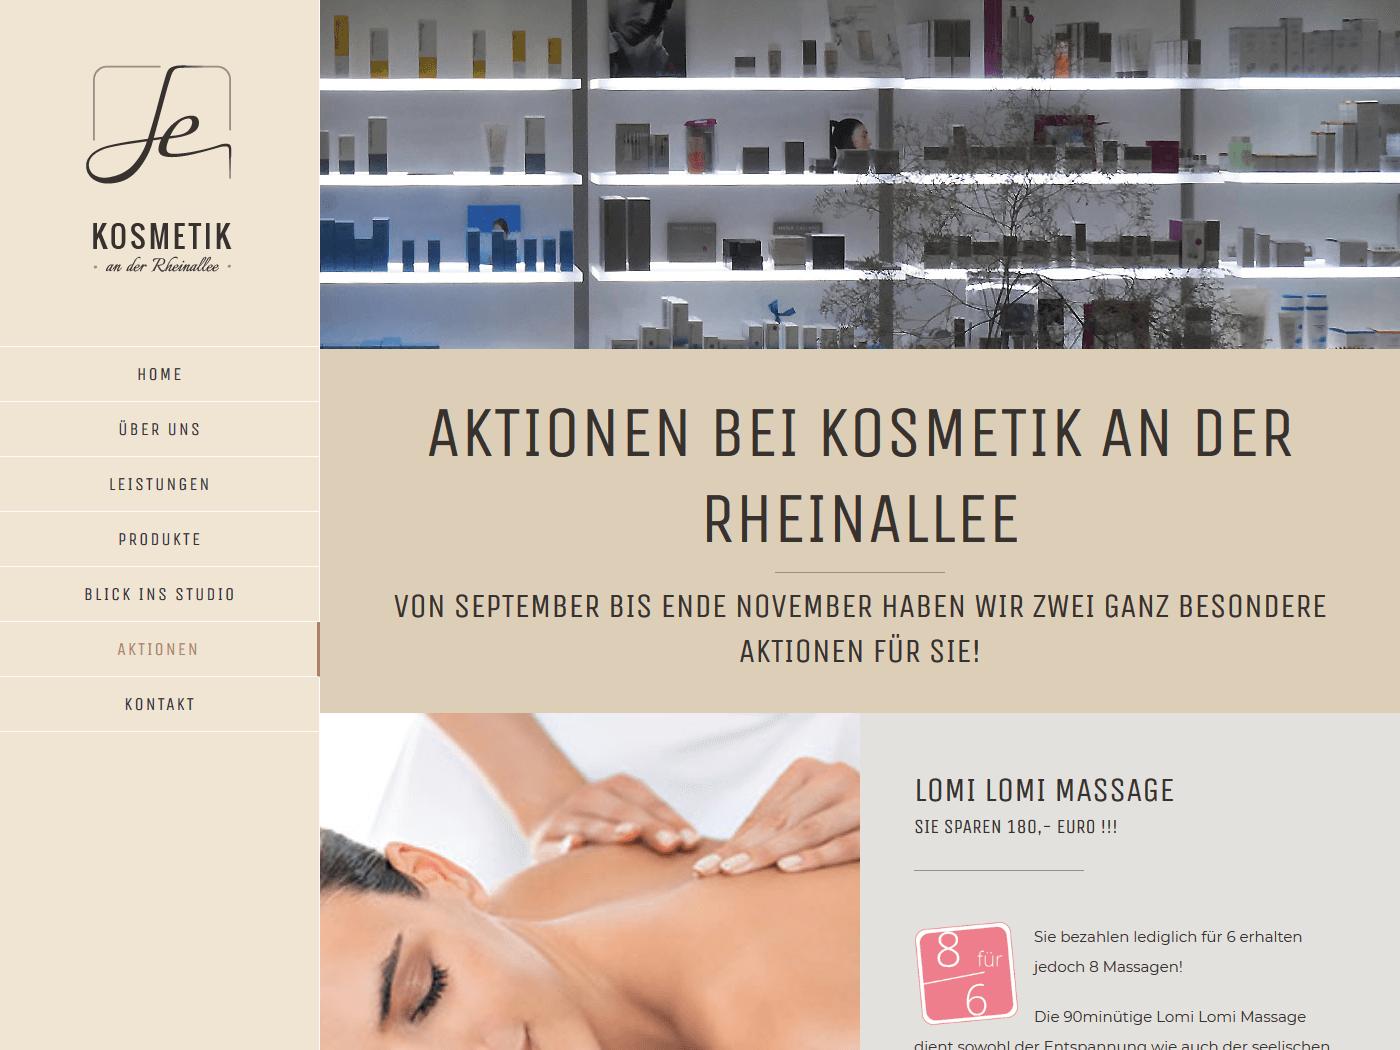 responsive Webdesign Kosmetik an der Rheinallee, Aktionen